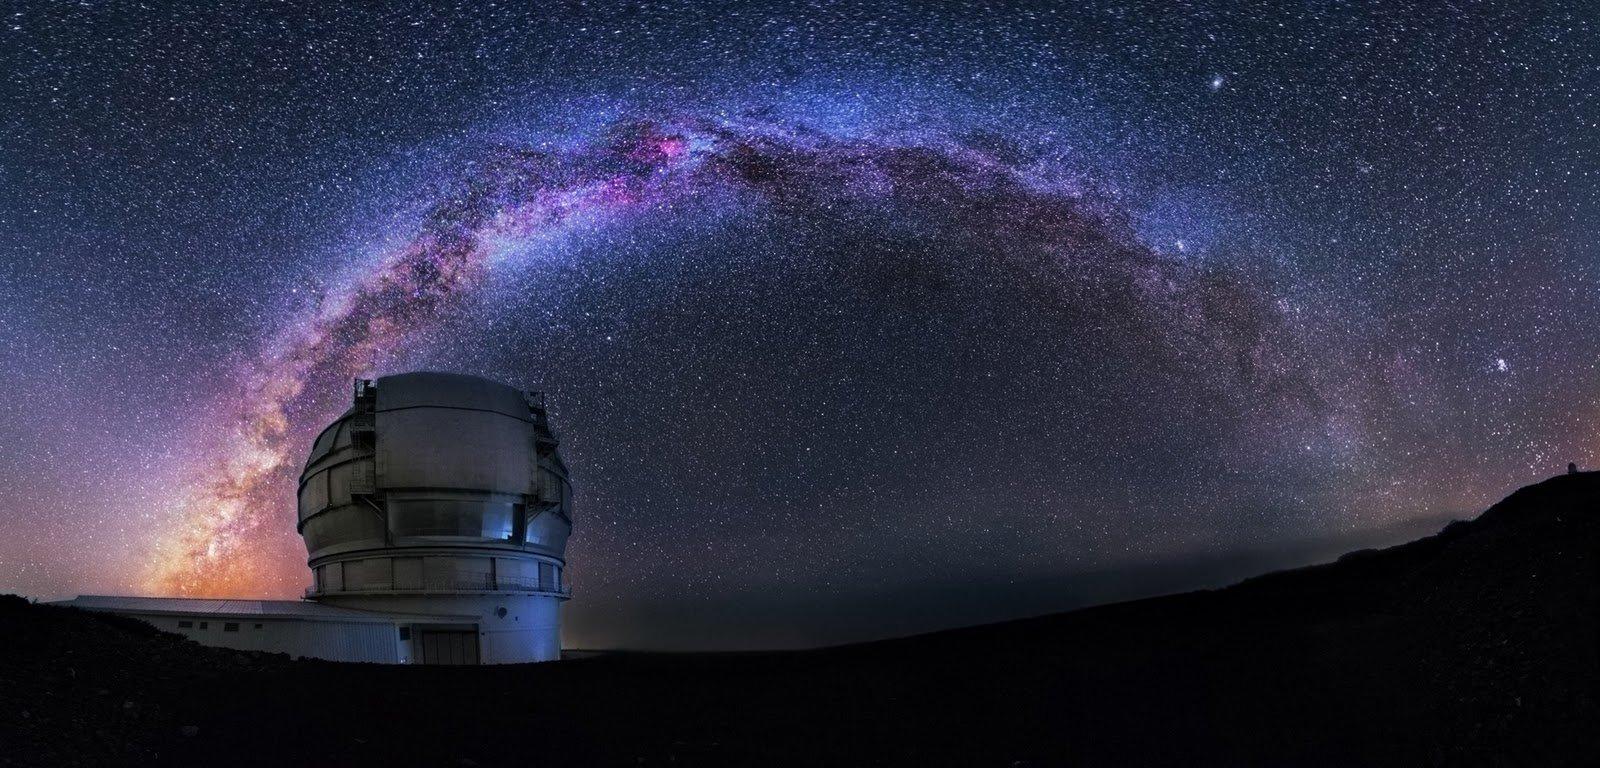 Астрономы нашли одну из старейших звезд Млечного Пути